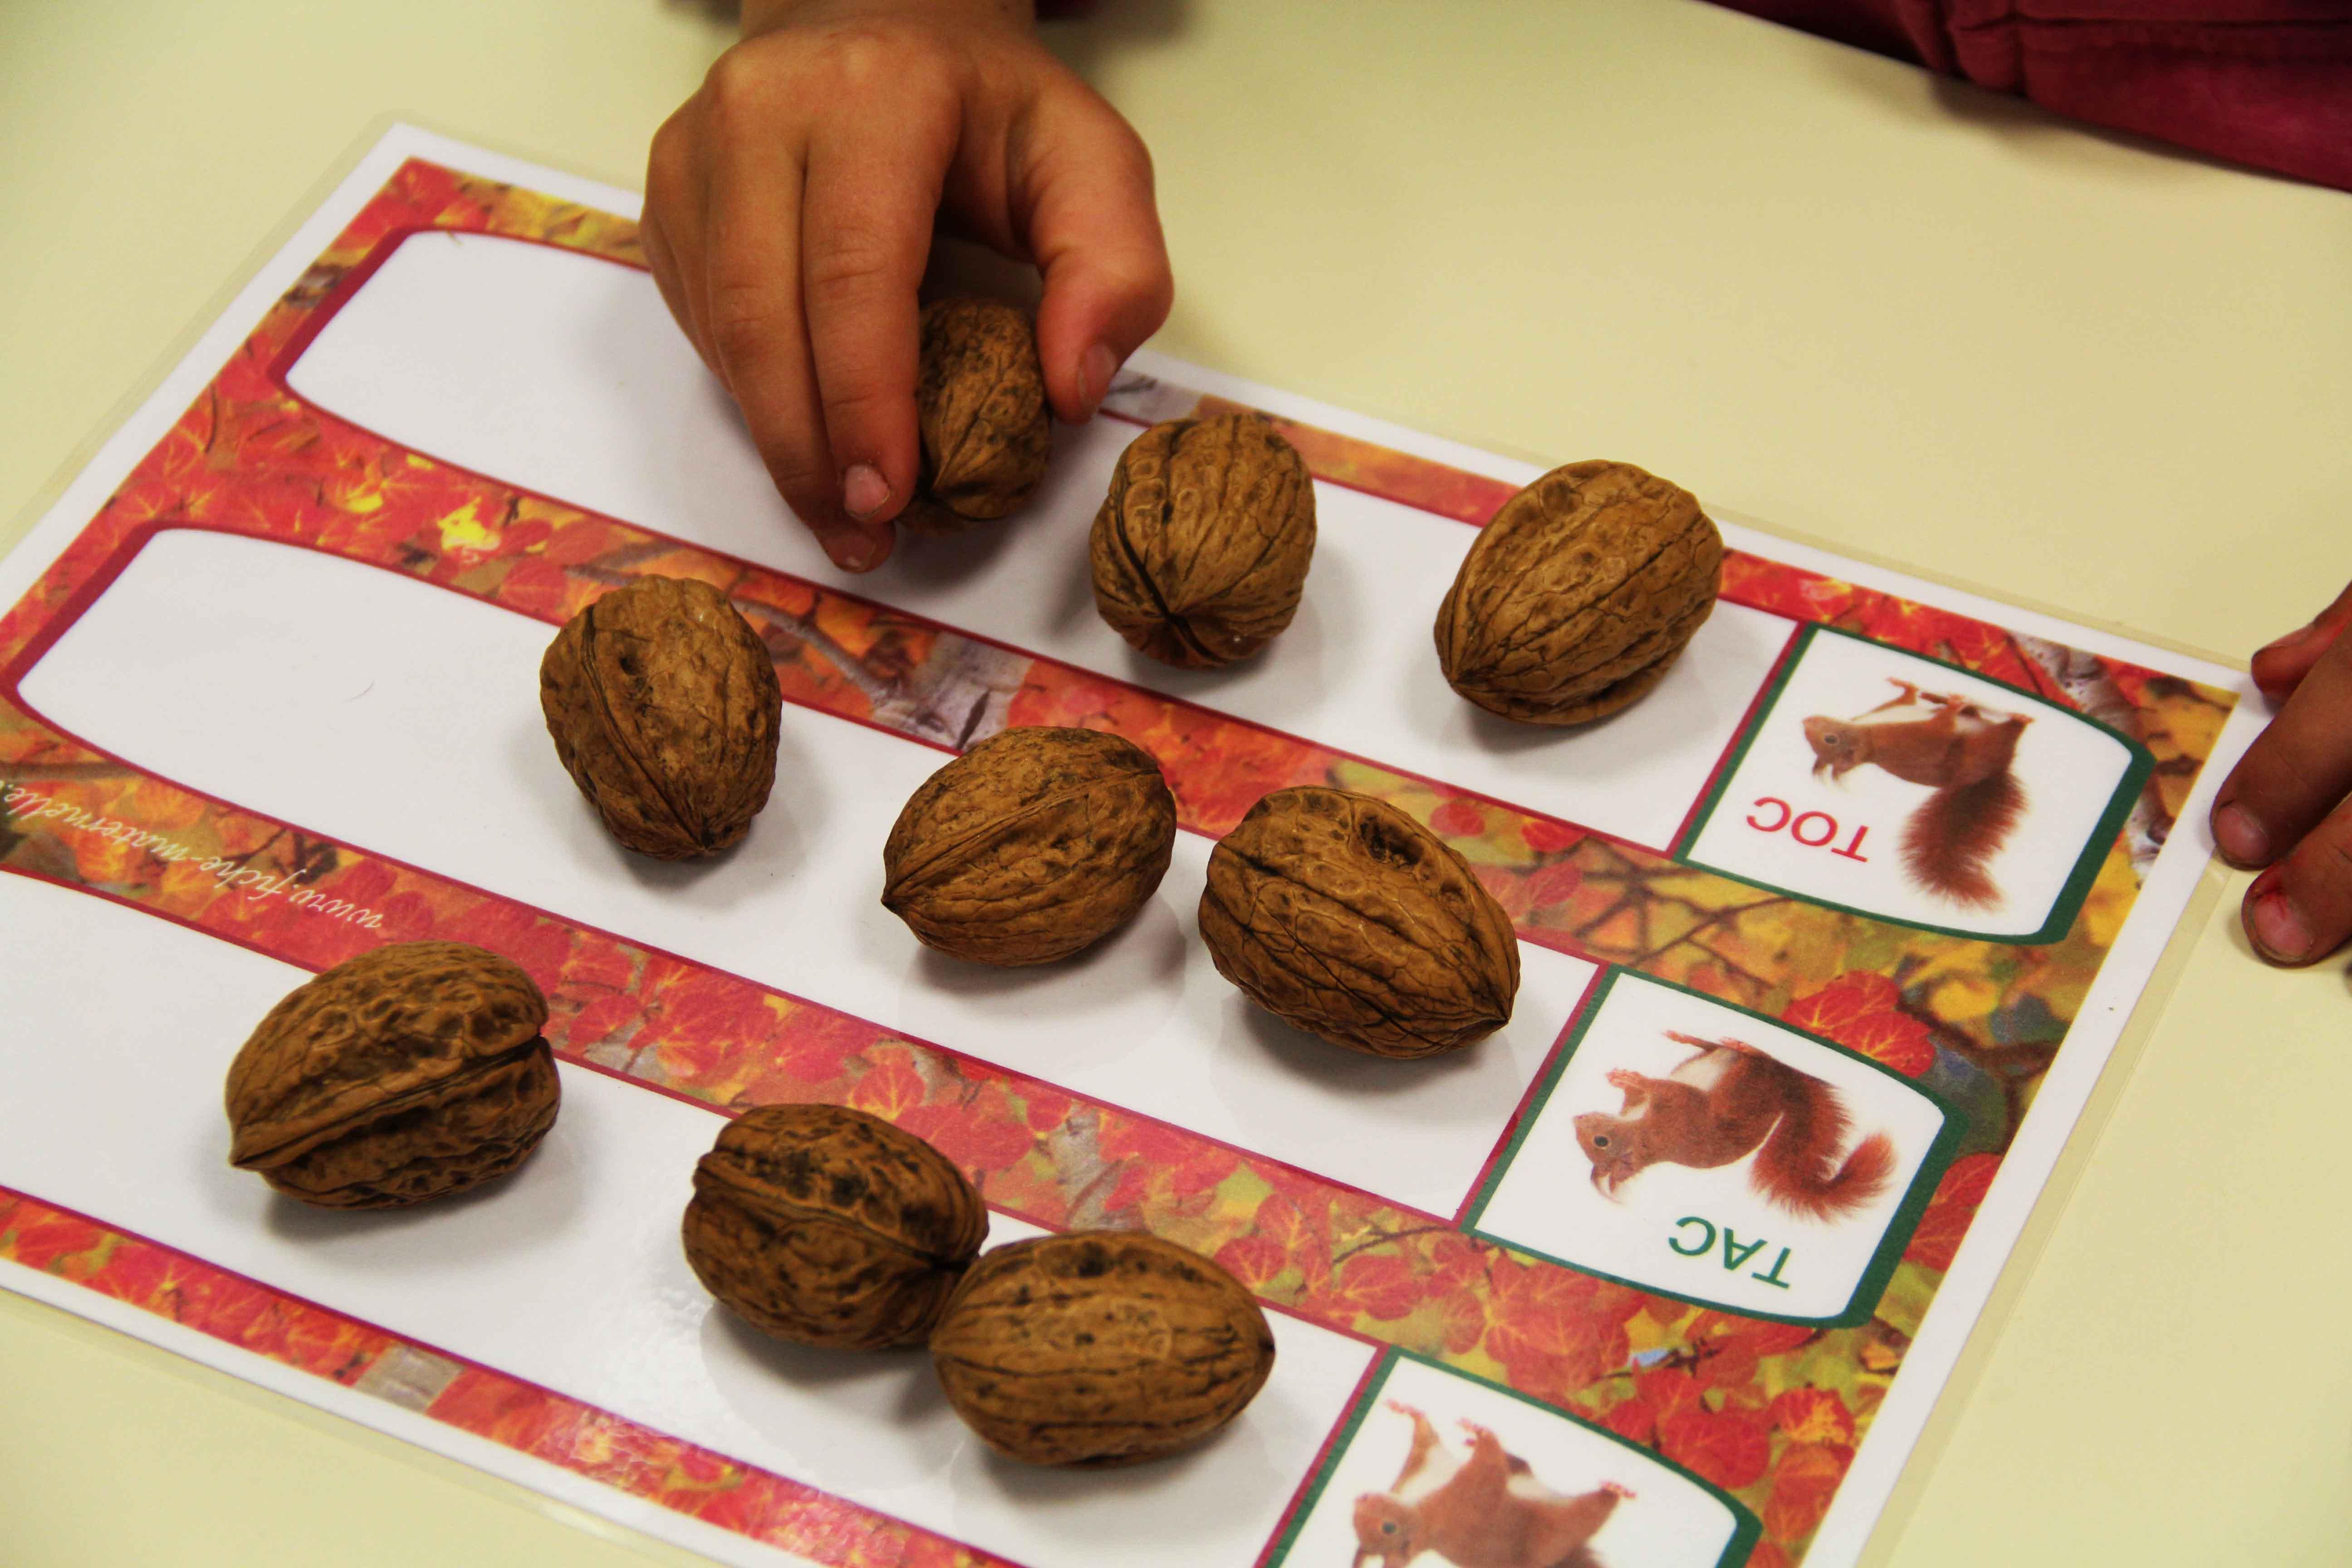 Jeu de math matiques sur le th me de l 39 automne - Fruits automne maternelle ...